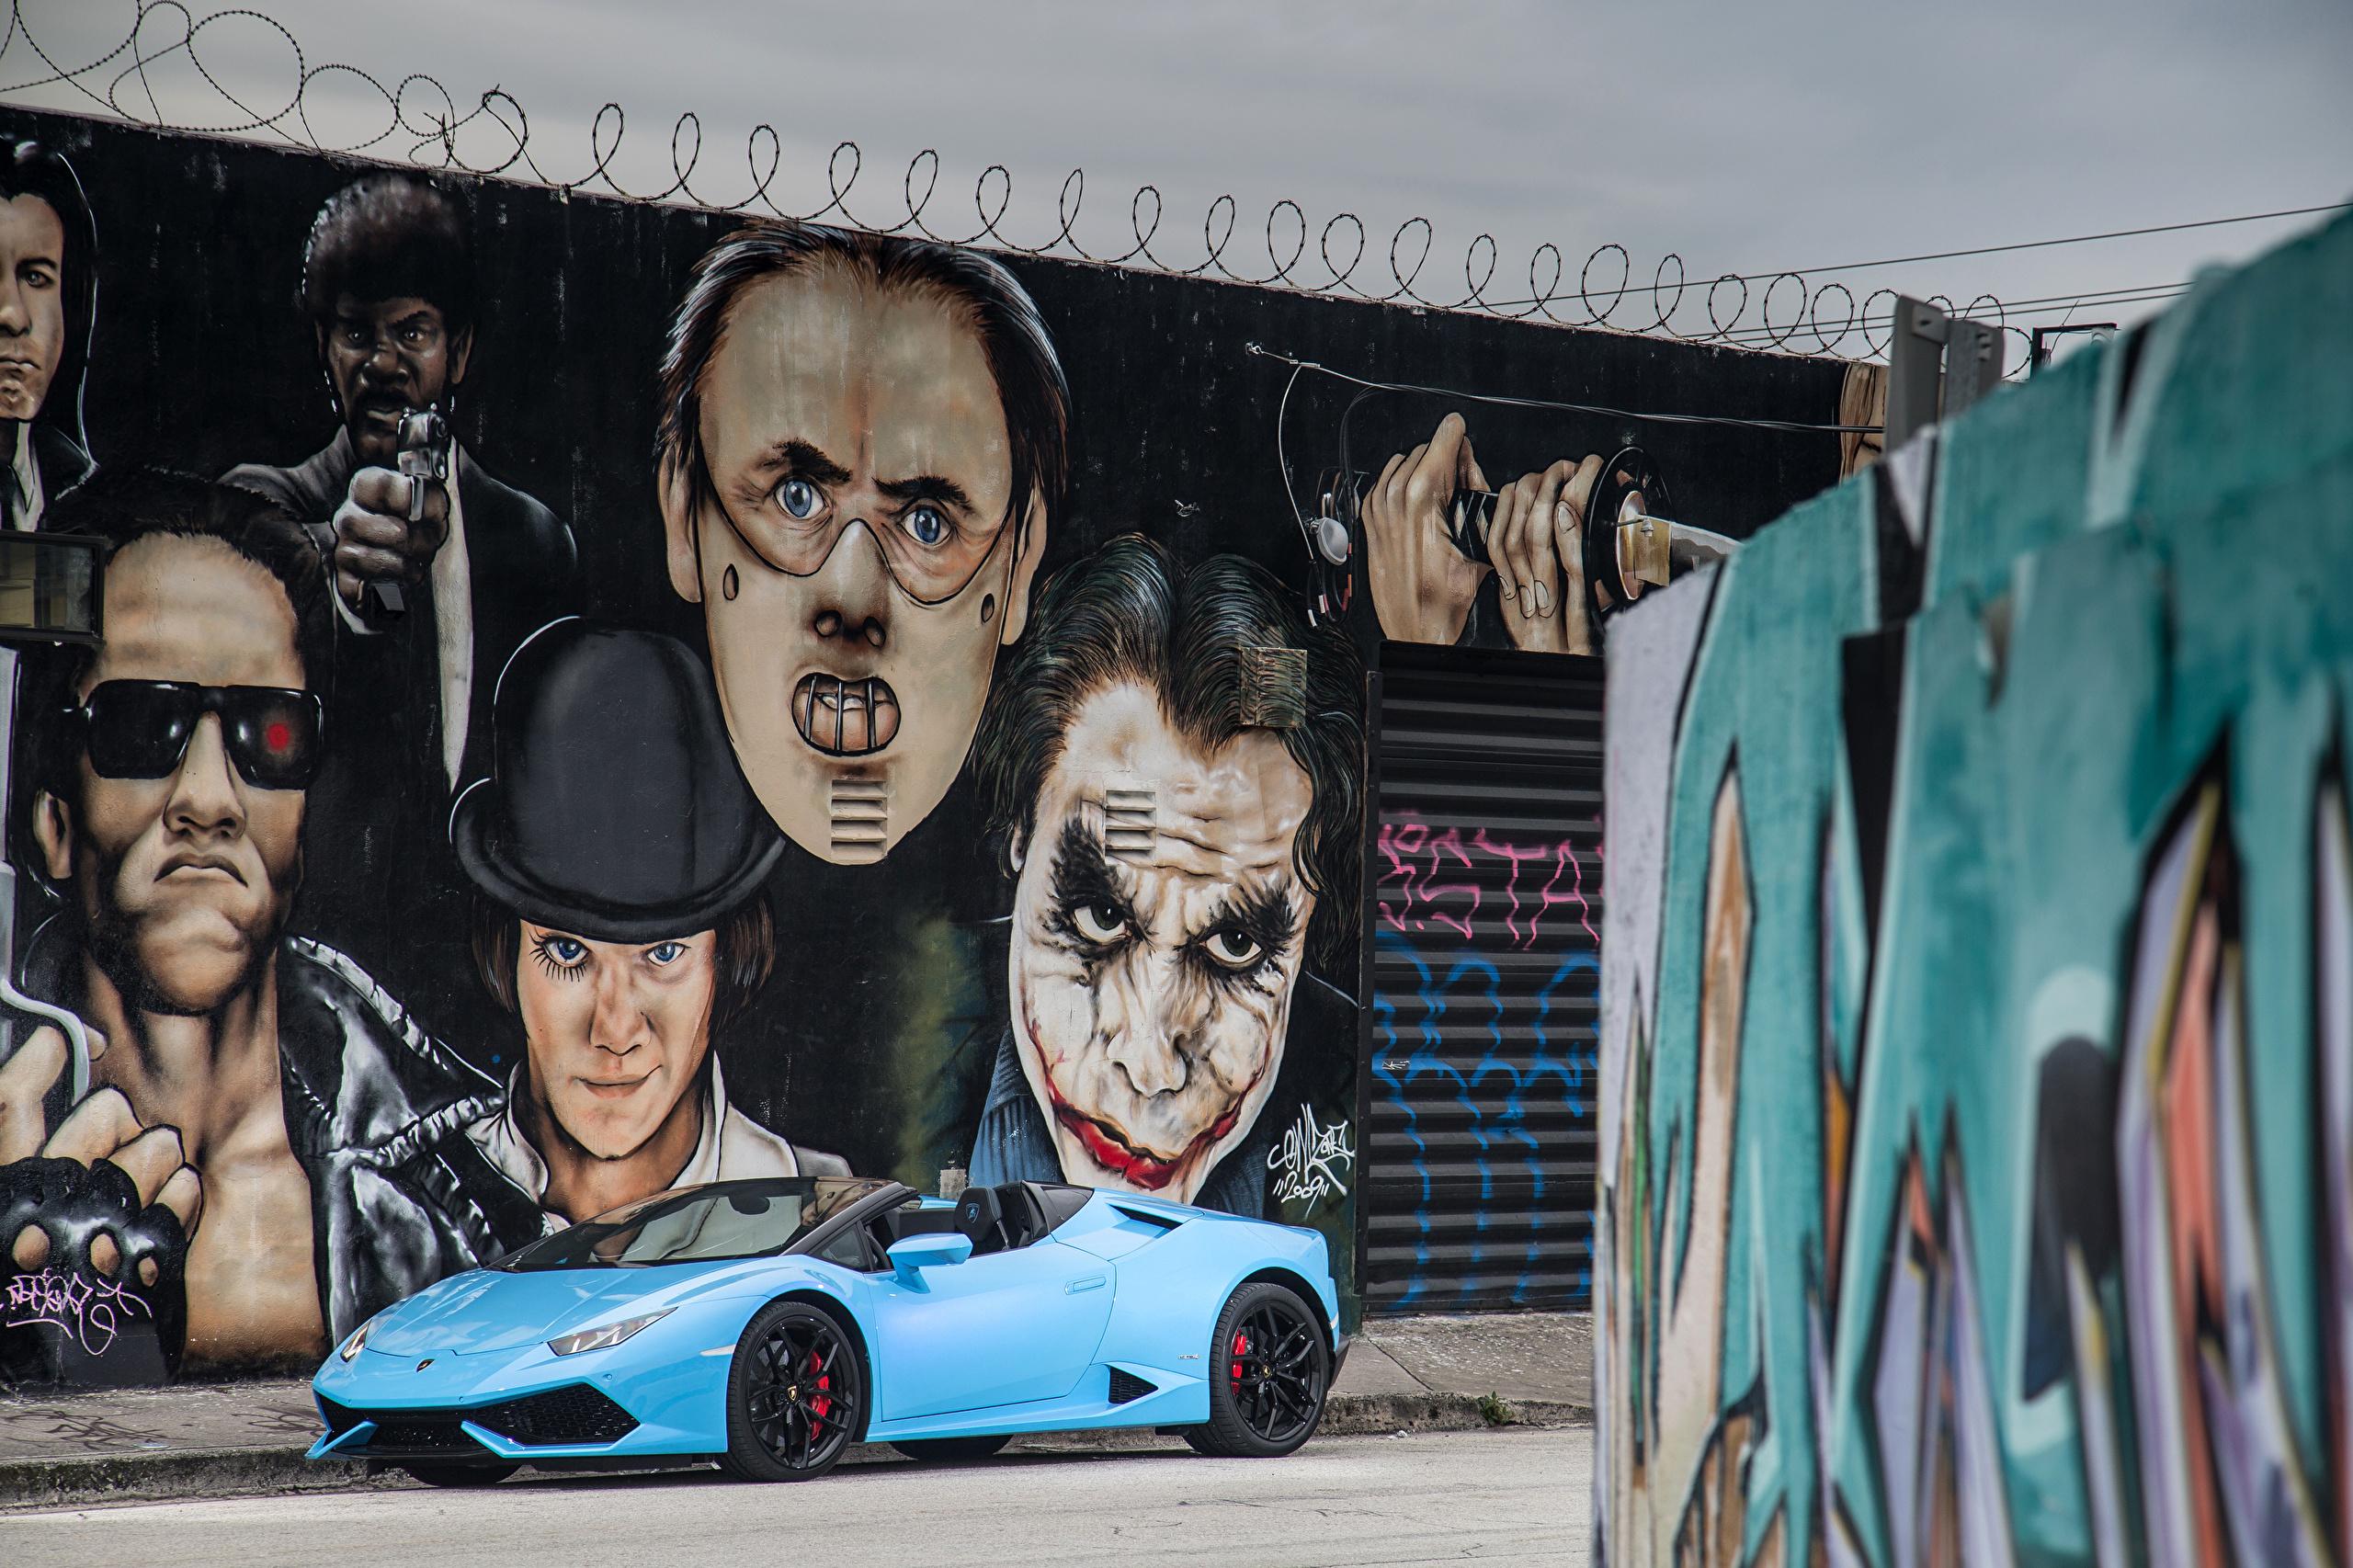 Фото Lamborghini 2015-16 Huracán LP 610-4 Spyder Кабриолет Голубой Граффити Металлик Автомобили 2560x1706 Ламборгини кабриолета голубых голубые голубая авто машина машины автомобиль